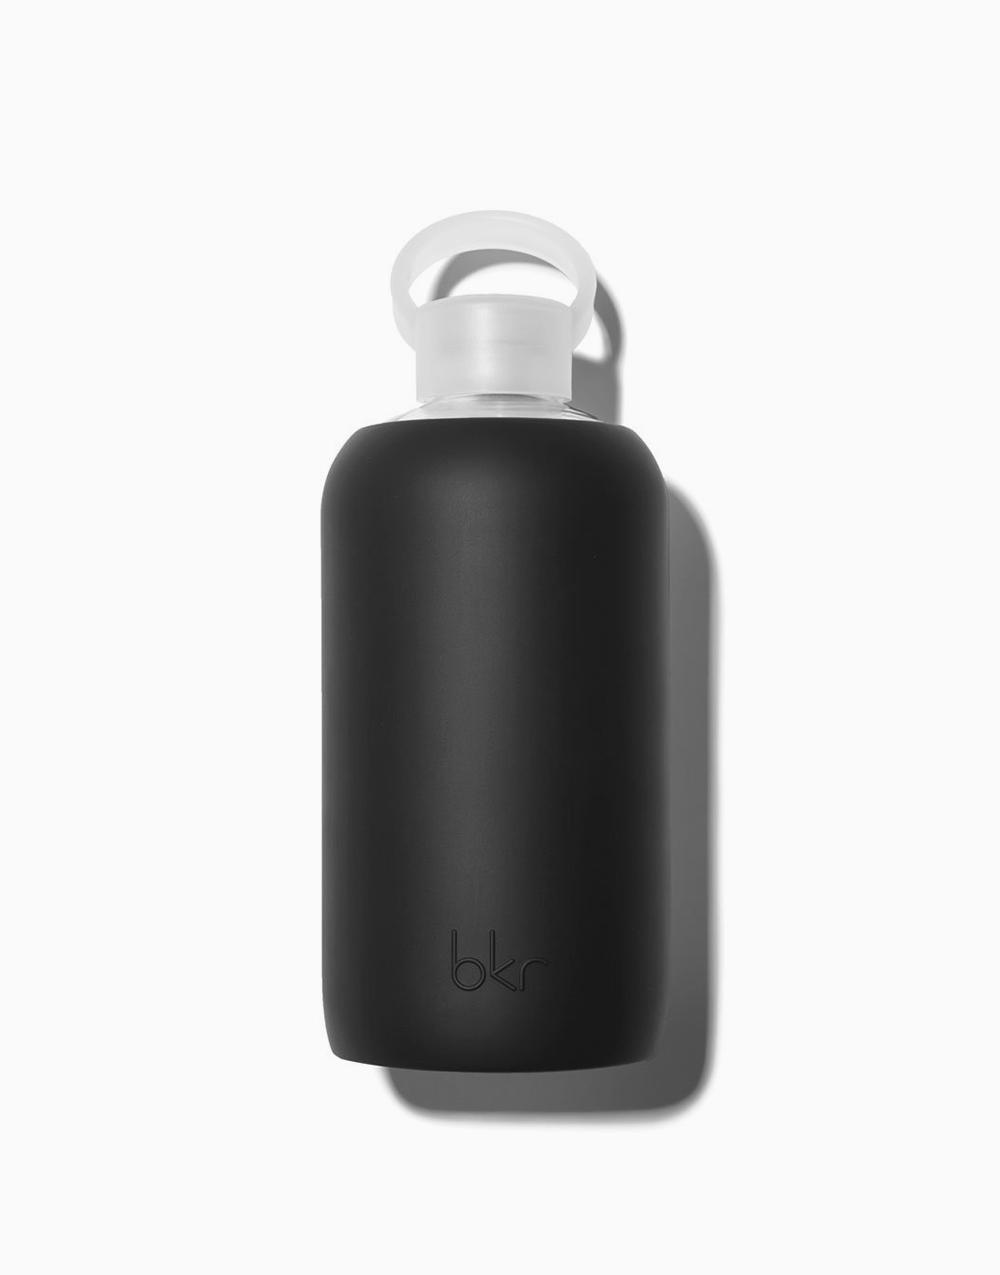 Big Water Bottle (1L) by Bkr | Jet